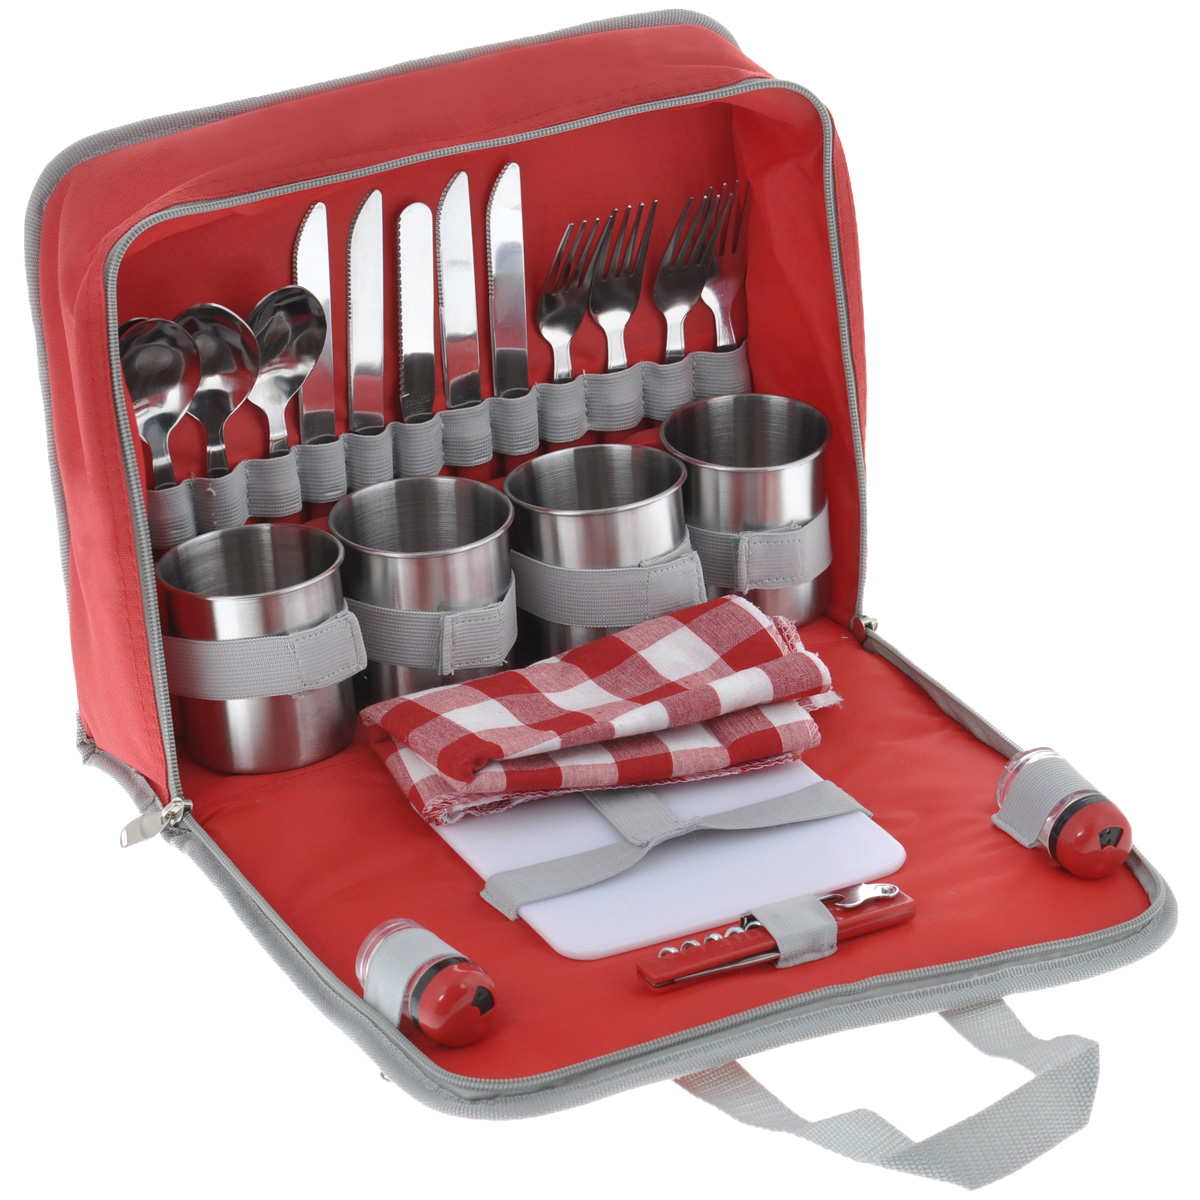 Набор для пикника Green Glade, цвет: красный, 26 предметов296Набор для пикника Green Glade содержит всю необходимую посуду для пикника и комфортного отдыха на природе. В набор входит: - нож (4 шт), - вилка (4 шт), - ложка (4 шт), - чашка (4 шт), - салфетка (4 шт), - солонка, - перечница, - нож для сыра/масла, - складной нож со штопором, - пластиковая разделочная доска. Столовые приборы и кружки изготовлены из полированной нержавеющей стали с пластиковыми ручками красного цвета. Салфетки выполнены из хлопка с принтом в клетку. Квадратная разделочная доска сделана из прочного пластика белого цвета, солонка и перечница - из прозрачного пластика. Все приборы компактно помещаются в специальную сумку из полиэстера, сумка закрывается на застежку-молнию; оснащена двумя удобными ручками для переноски и двумя вшитыми кармашка на молнии для хранения аксессуаров. Длина вилки/ложки: 18,5 см. Длина ножа: 21 см. Диаметр кружки (по верхнему краю): 7,5 см. Высота кружки: 8 см. Размер разделочной доски: 15 см х 15 см. Размер салфетки: 31 см х 31 см. Размер солонки/перечницы: 3 см х 3 см х 5,5 см. Длина ножа со штопором: 11 см. Размер сумки: 32 см х 26 см х 11 см.